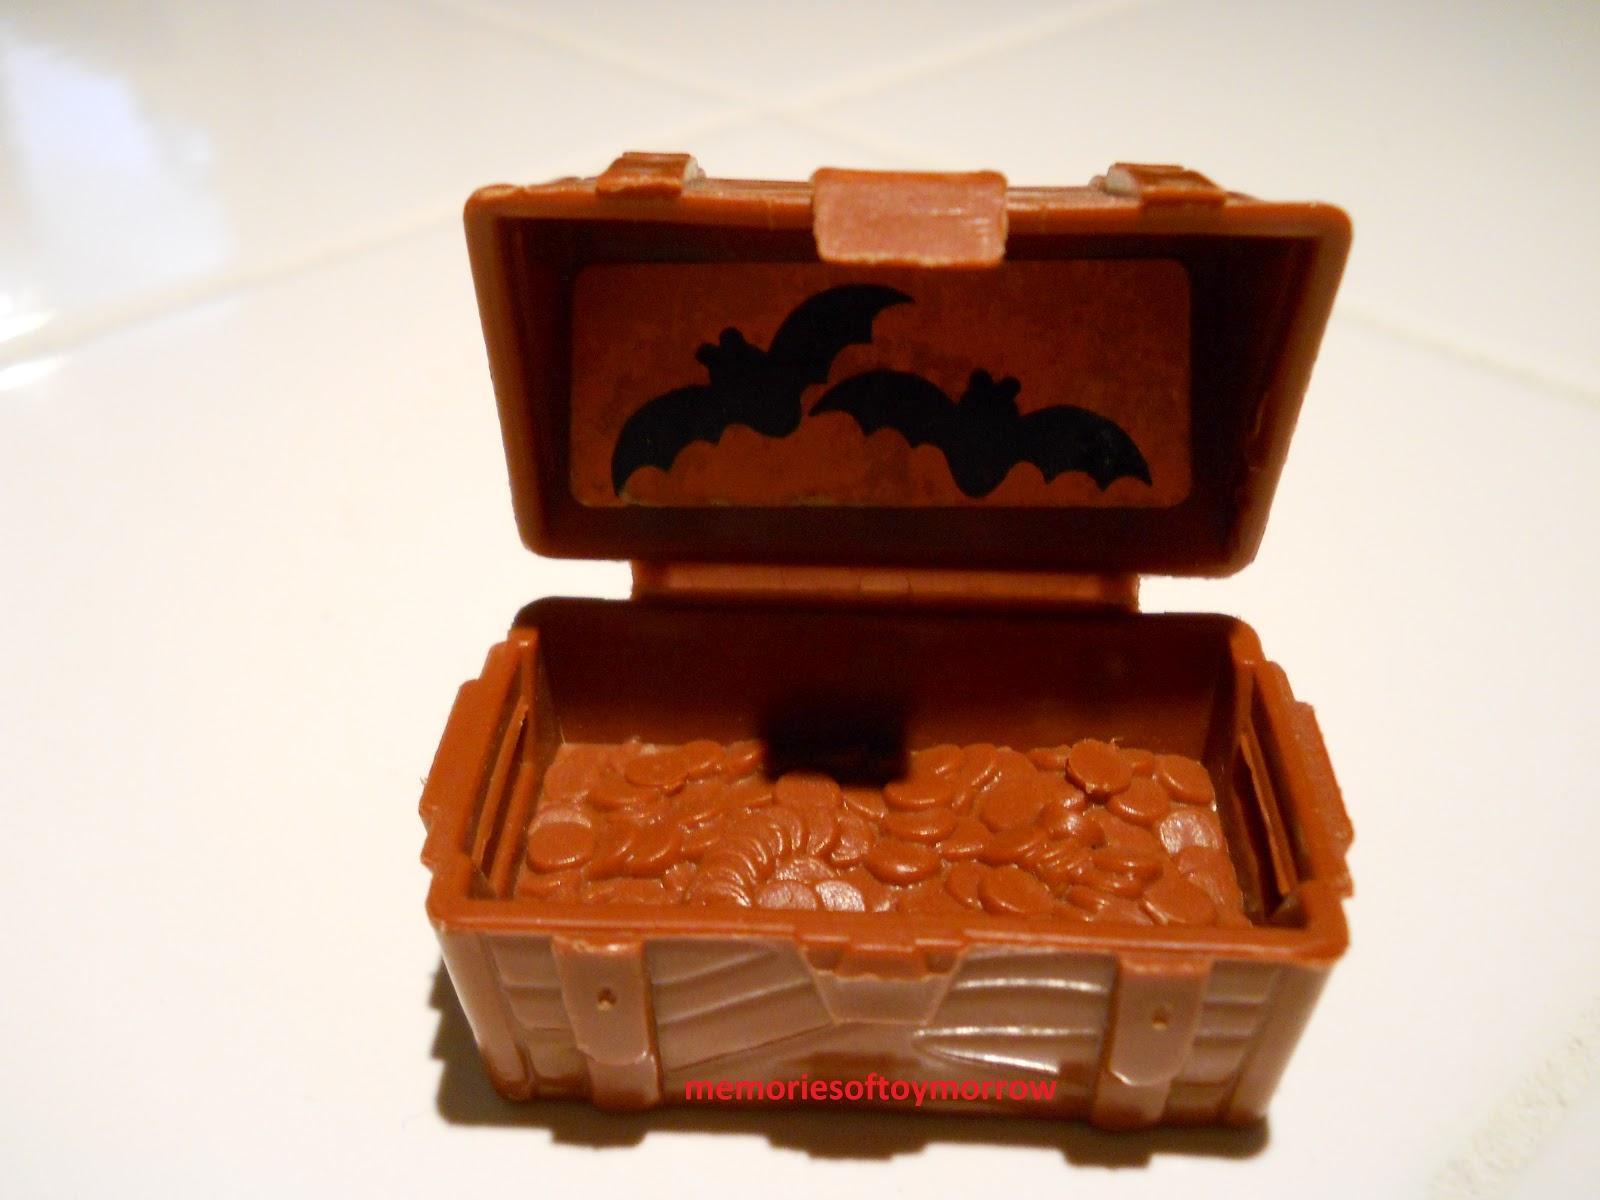 memories of toymorrow a treasure chest full of memories